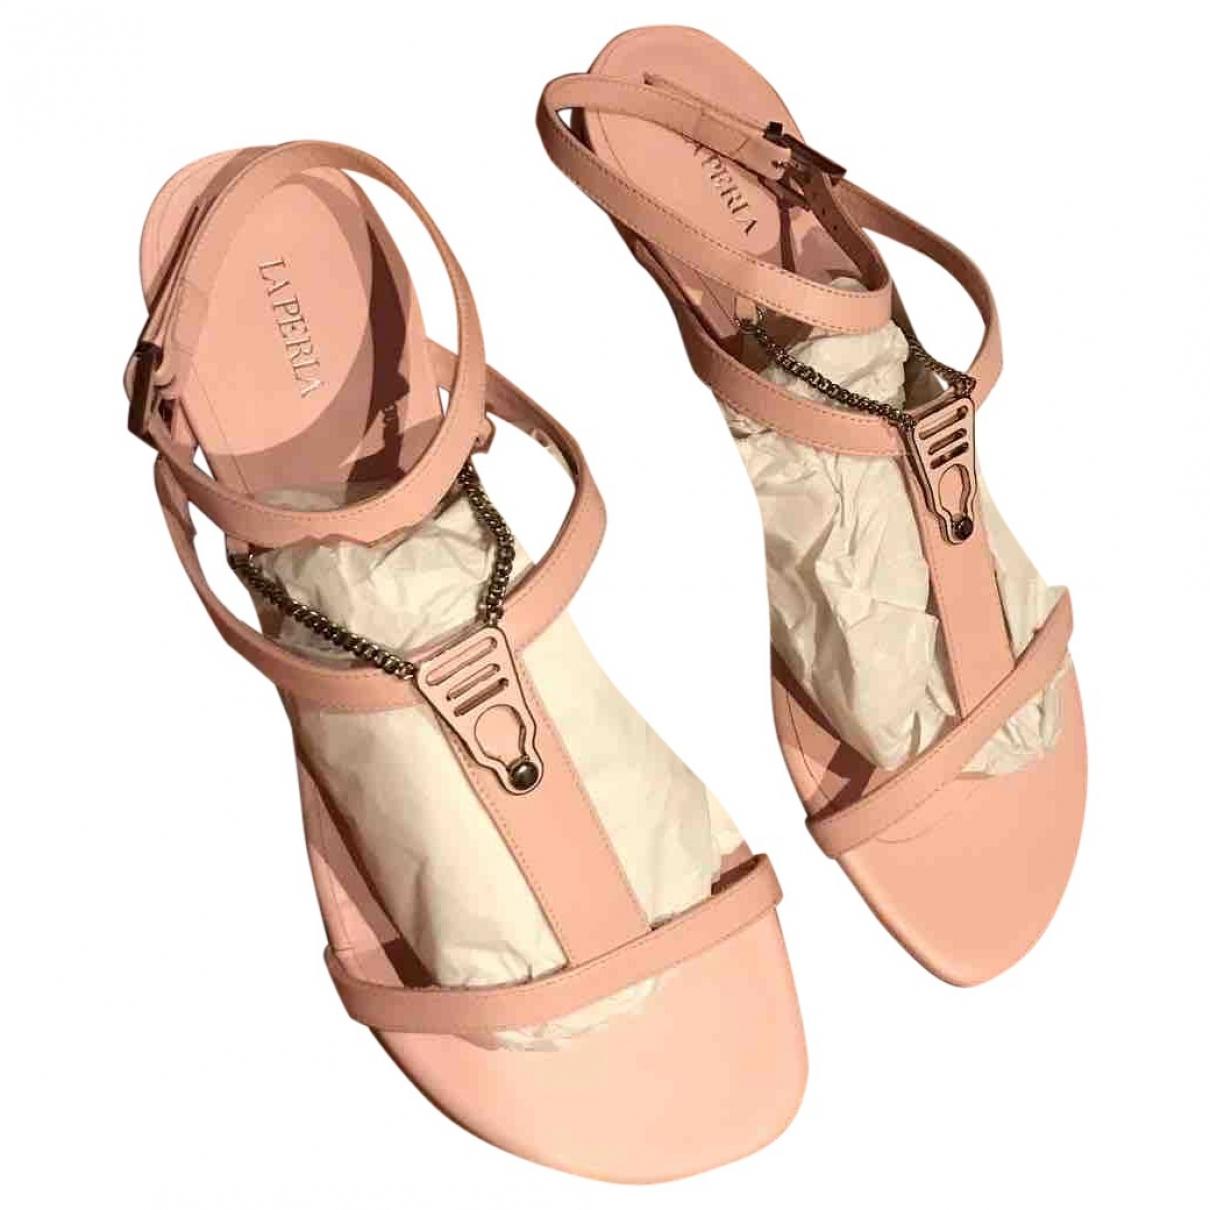 La Perla \N Beige Leather Sandals for Women 6 UK